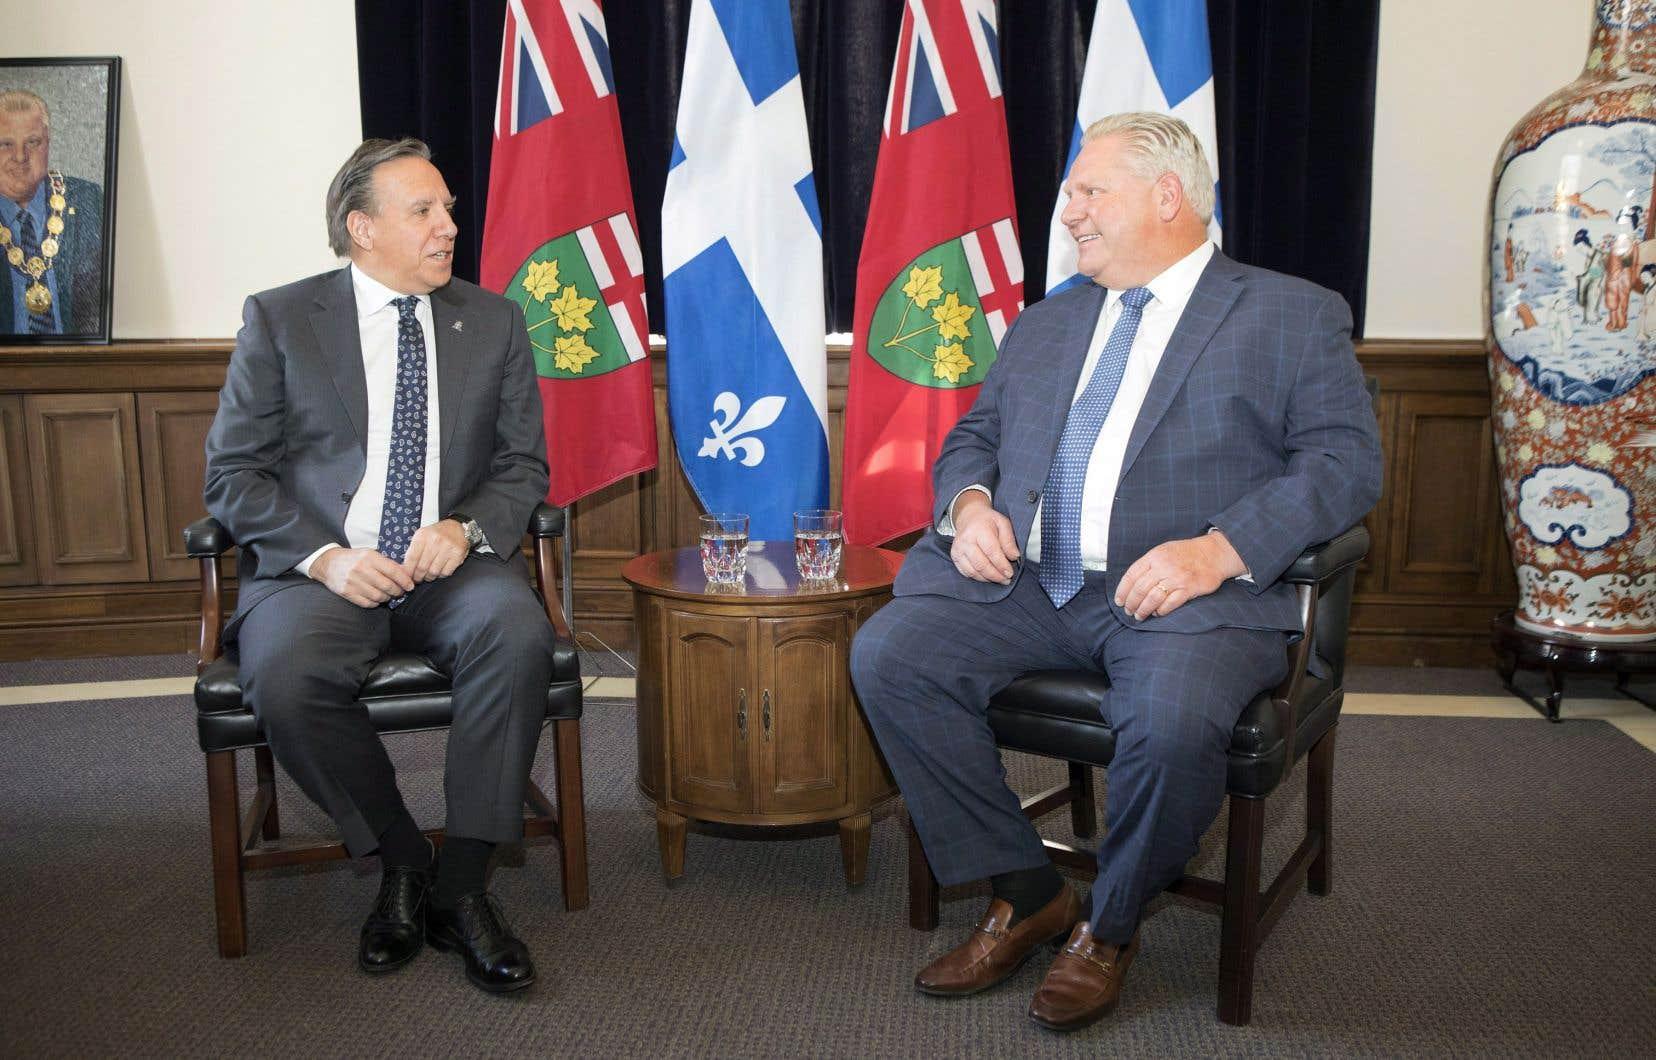 Les premiers ministres du Québec et de l'Ontario, François Legault et Doug Ford, ont eu une première rencontre à Toronto, lundi.